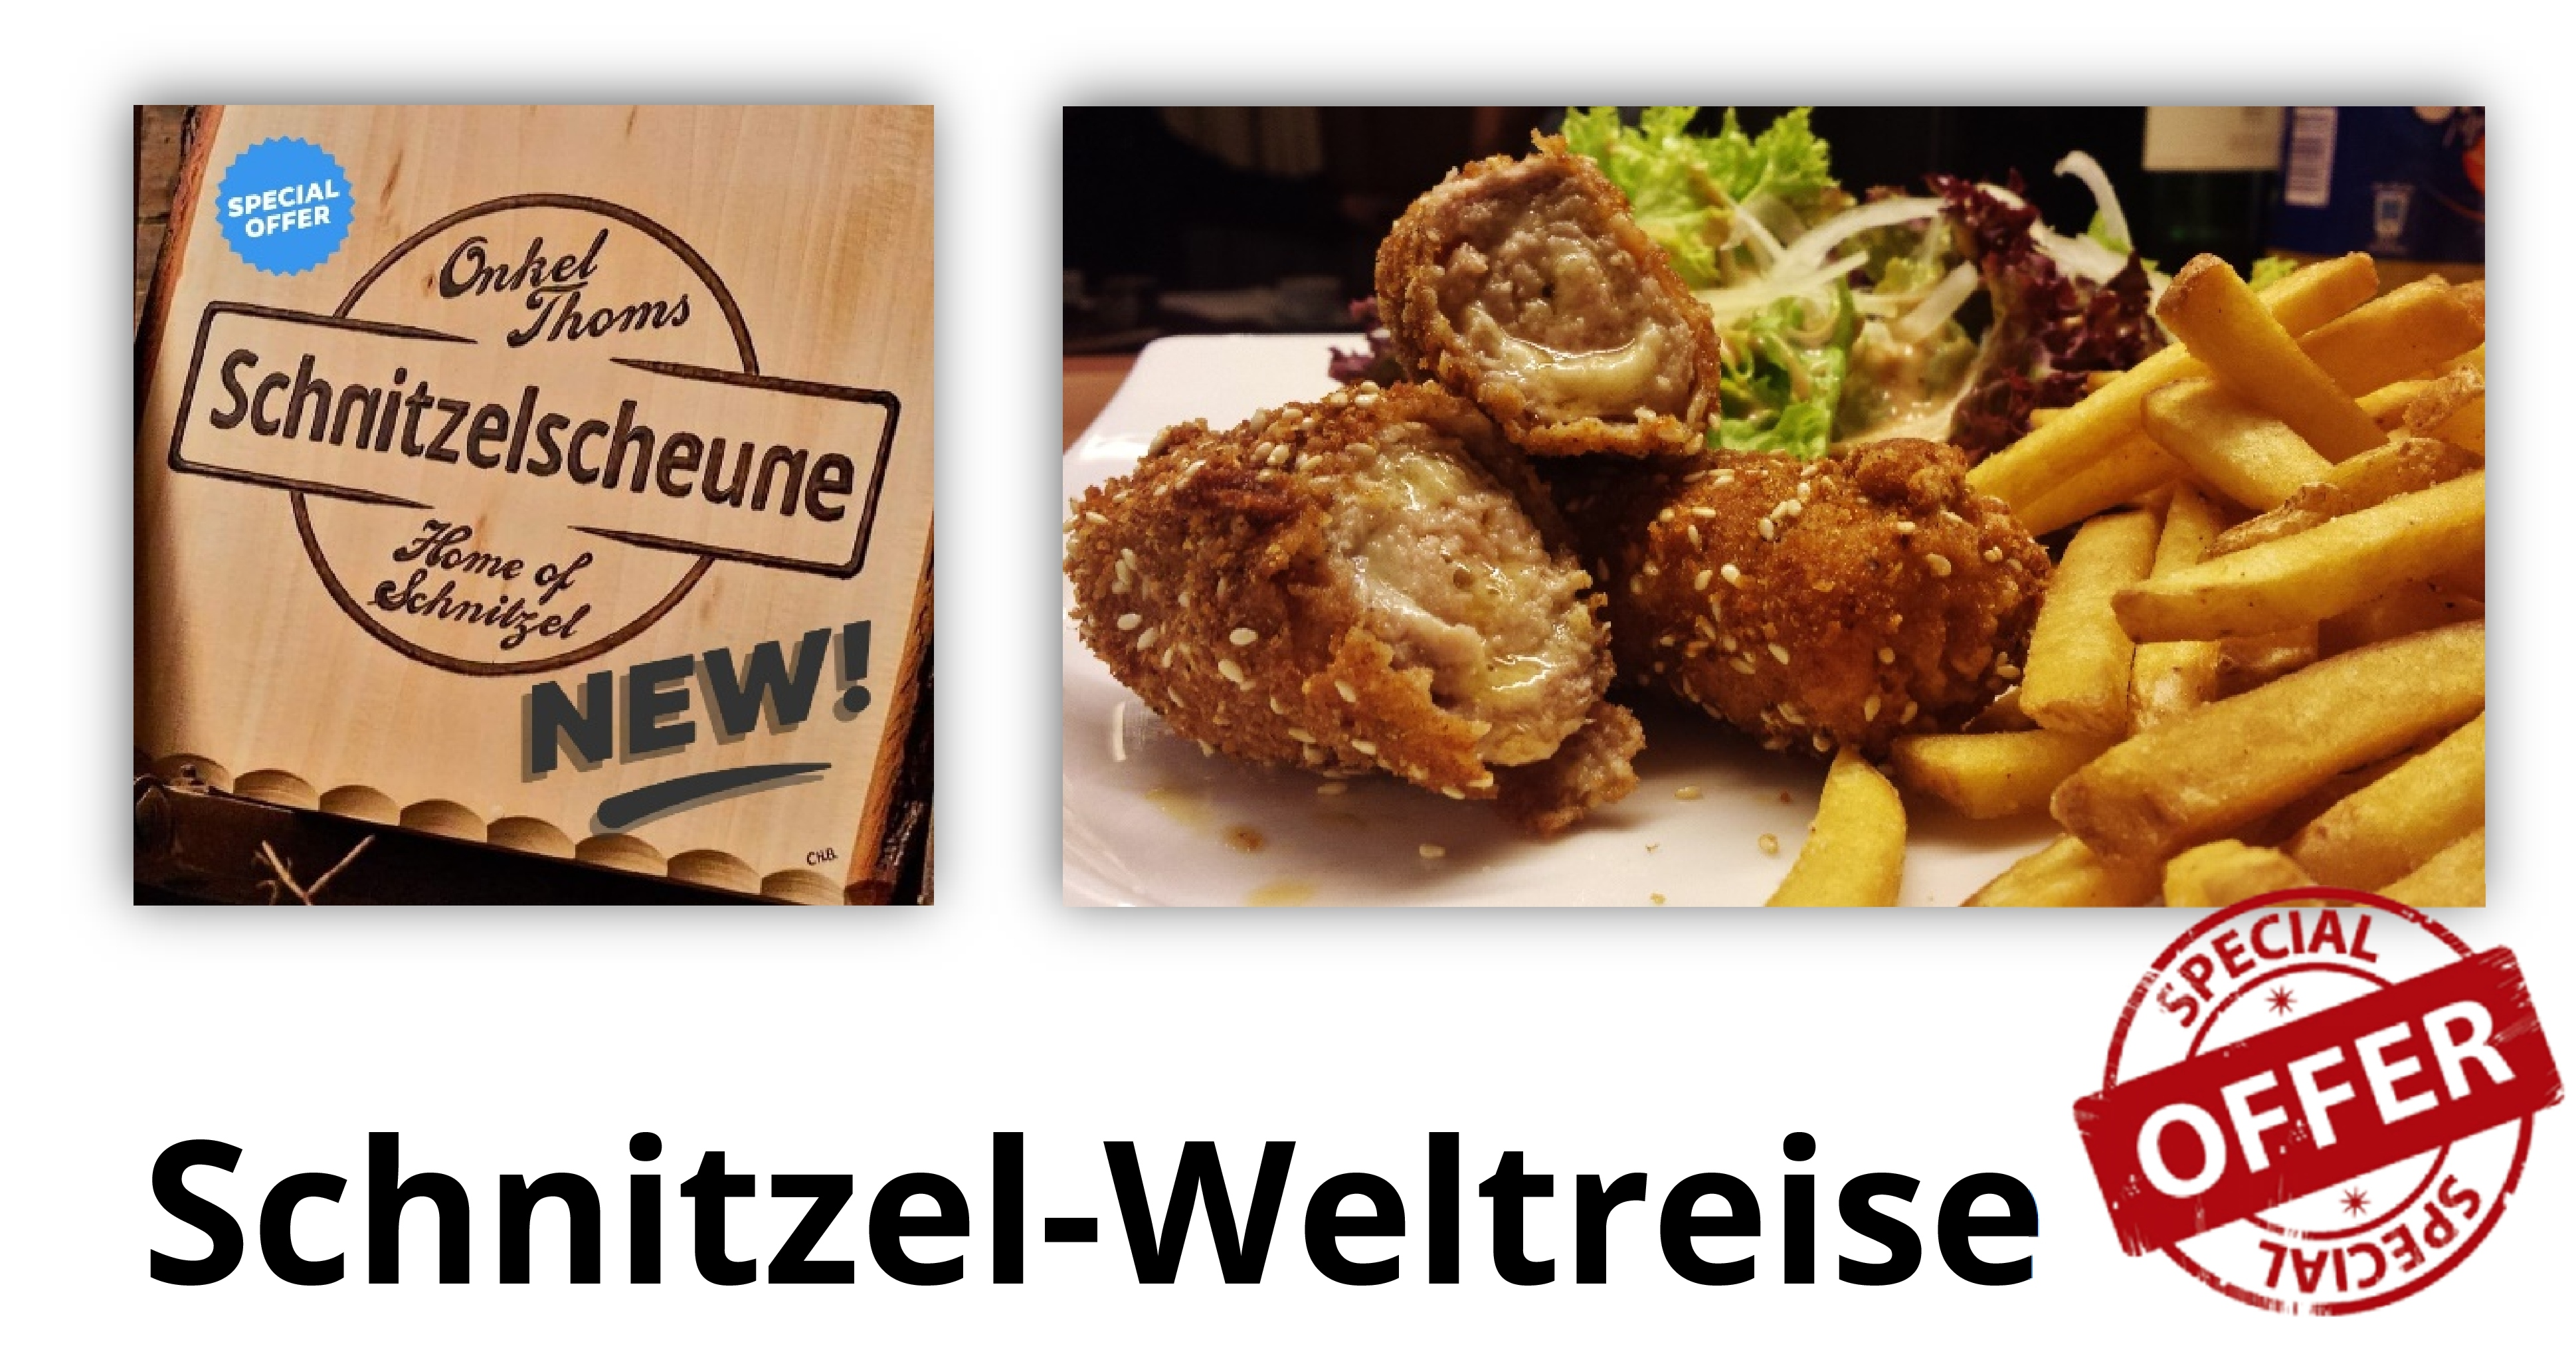 Schnitzel-Weltreise